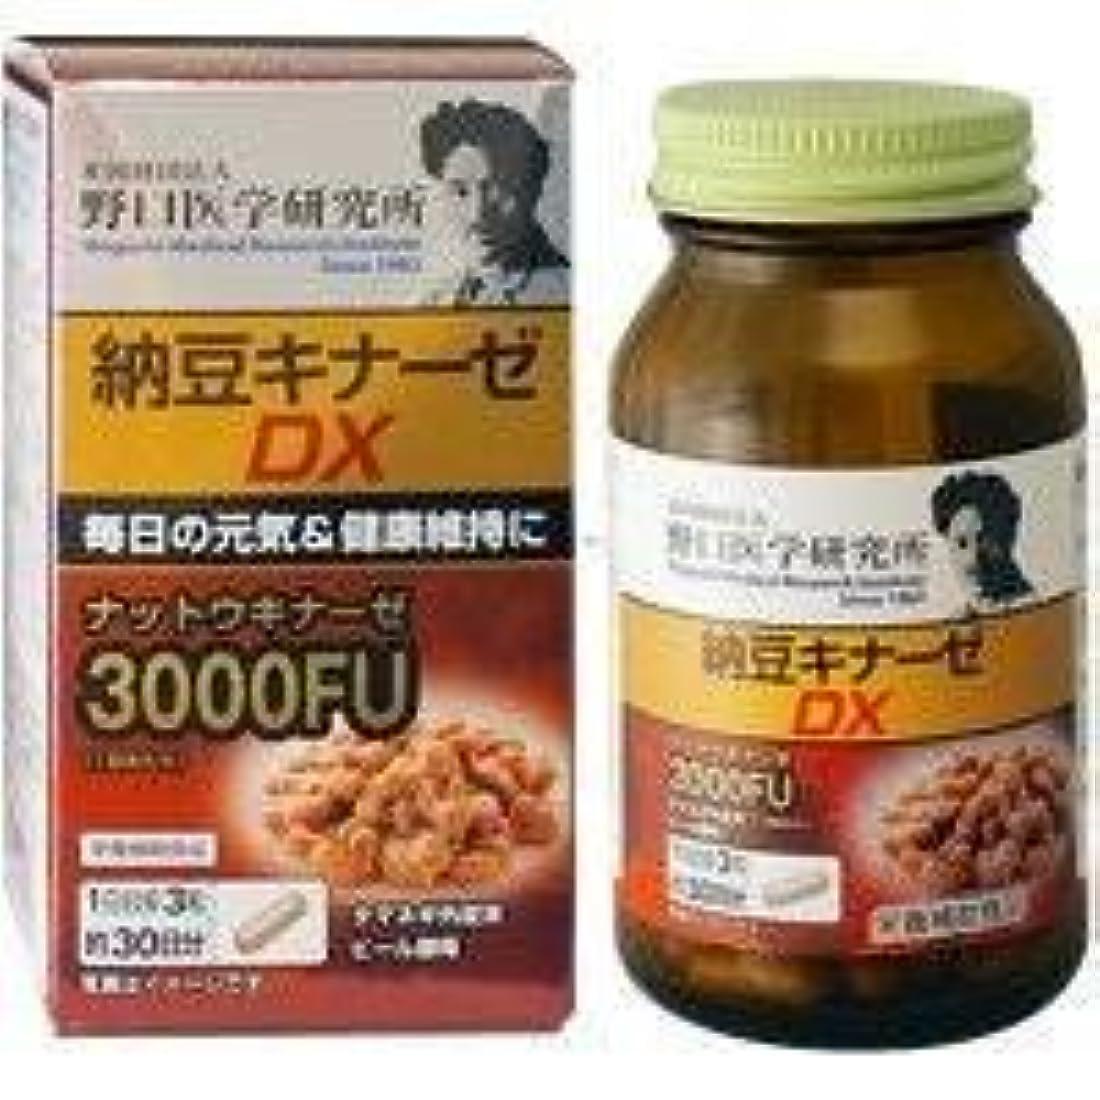 化学ゆでる極小野口医学研究所 納豆キナーゼDX 90粒 3箱セット 明治薬品